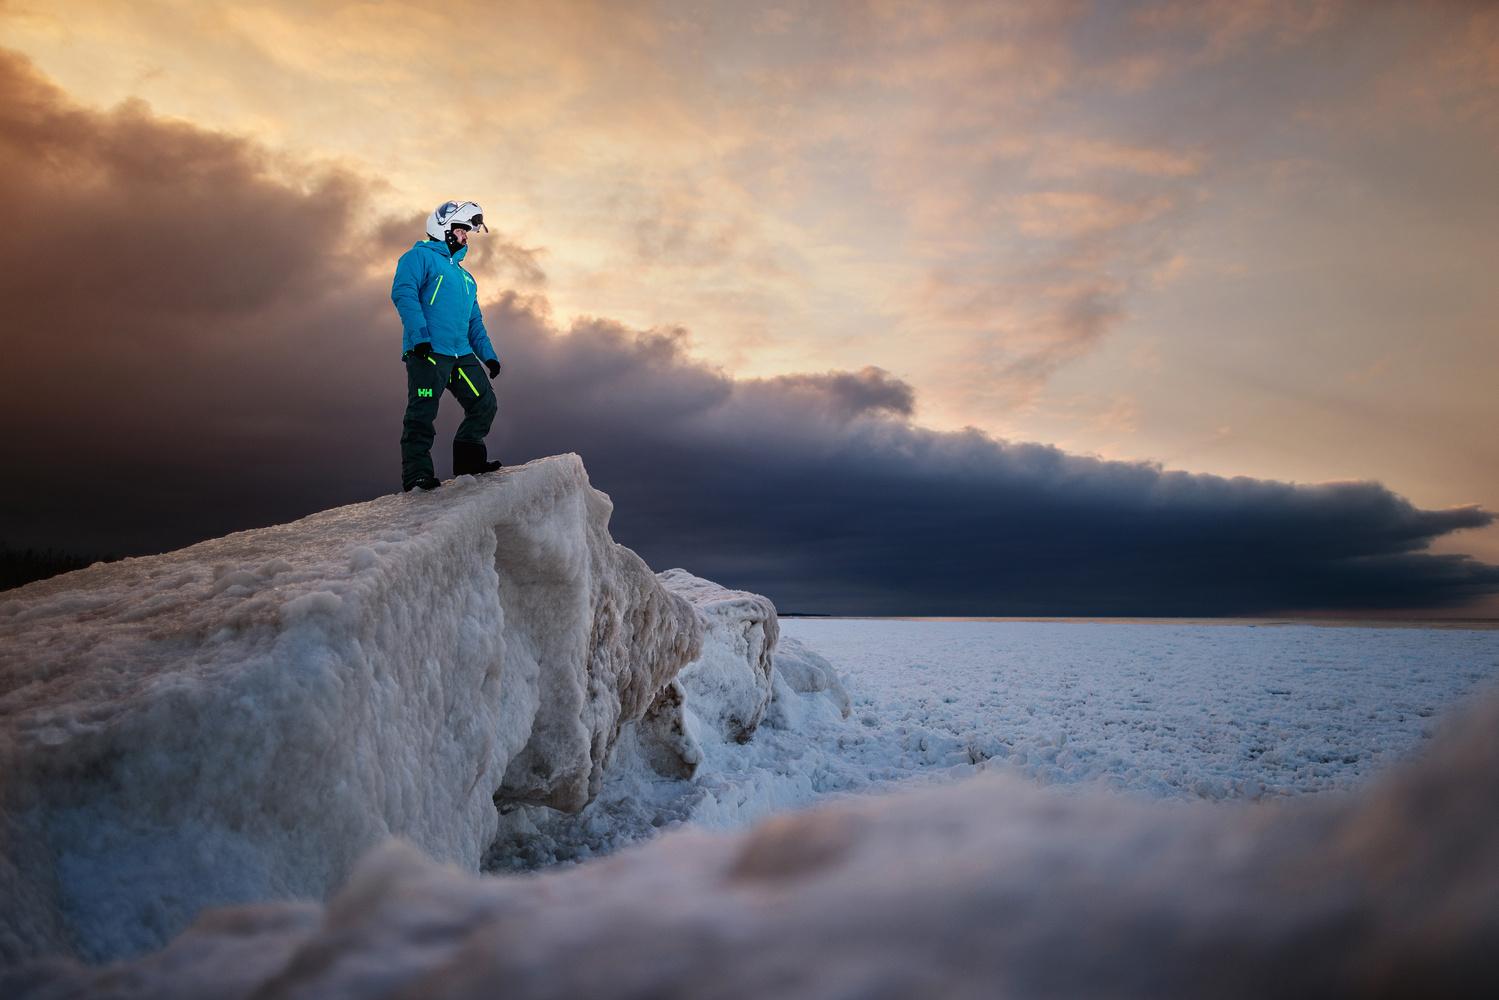 Lake Superior, Michigan by Marek Dziekonski